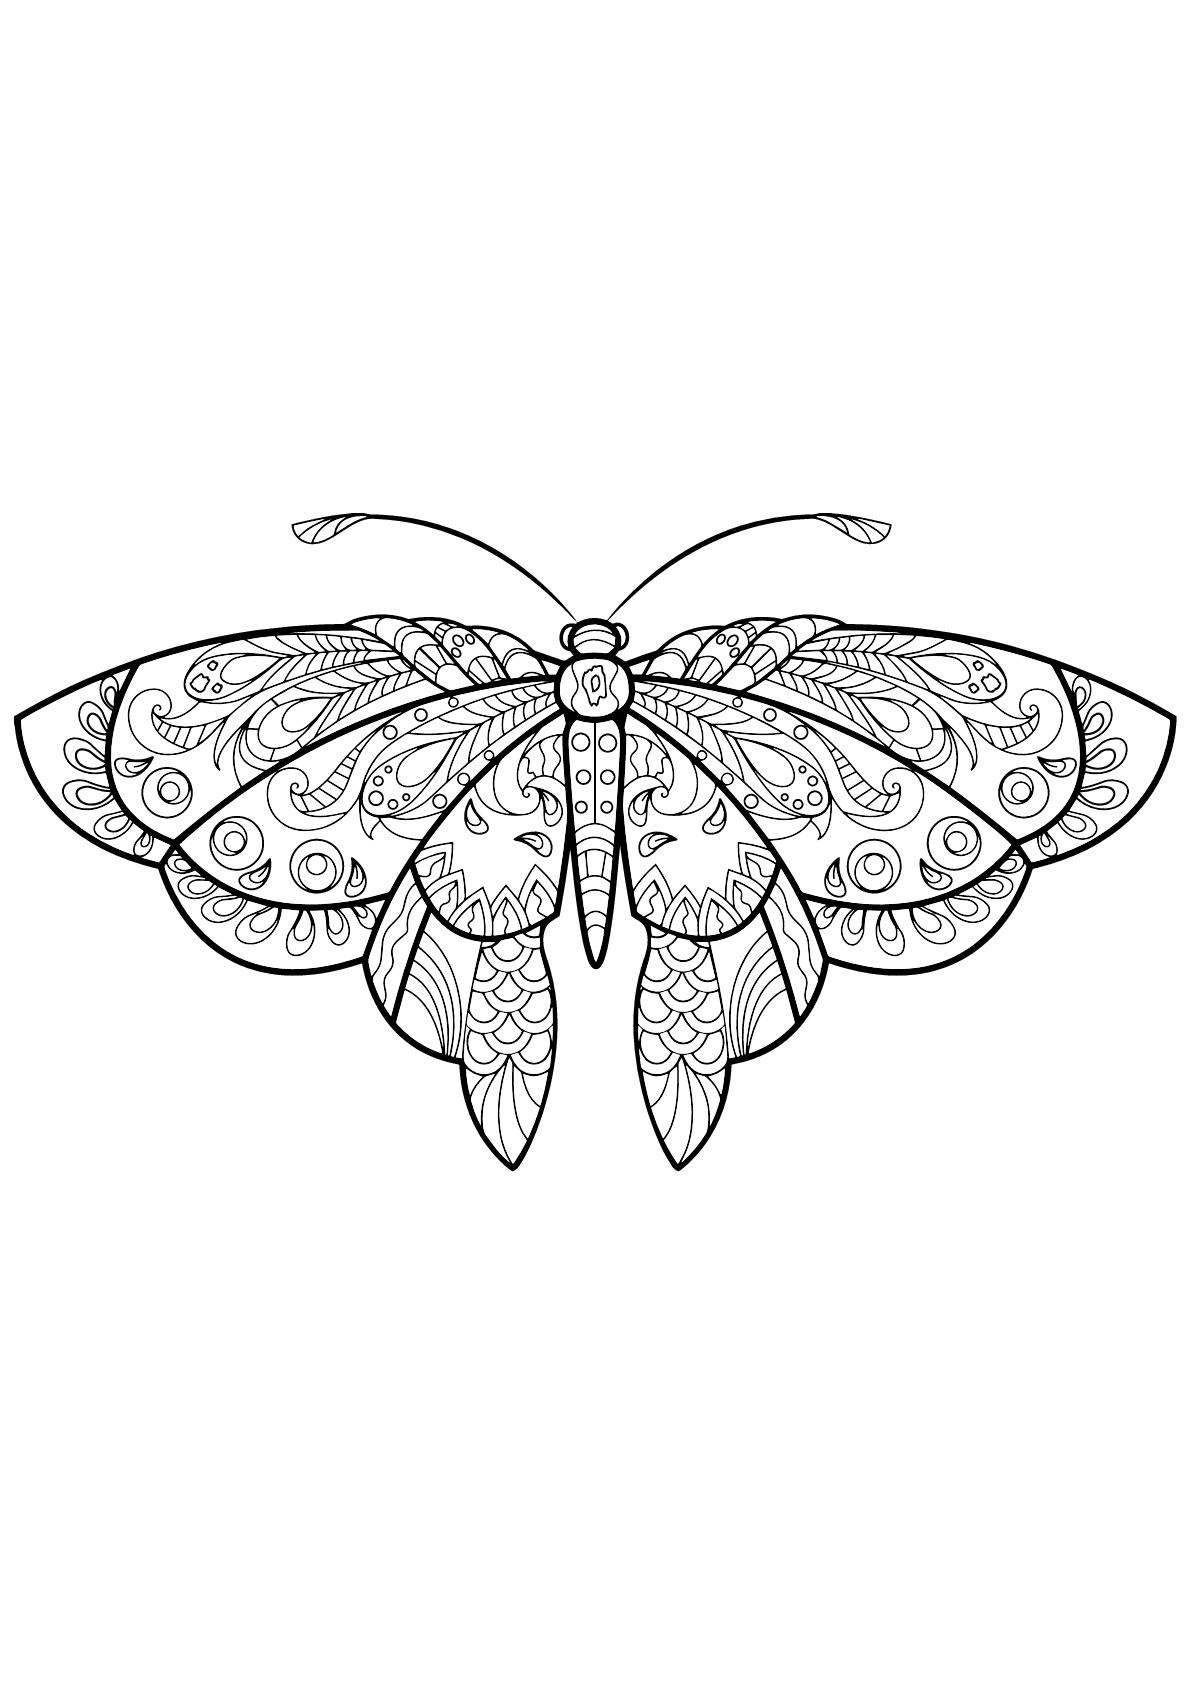 Coloriage de Papillons à colorier pour enfants